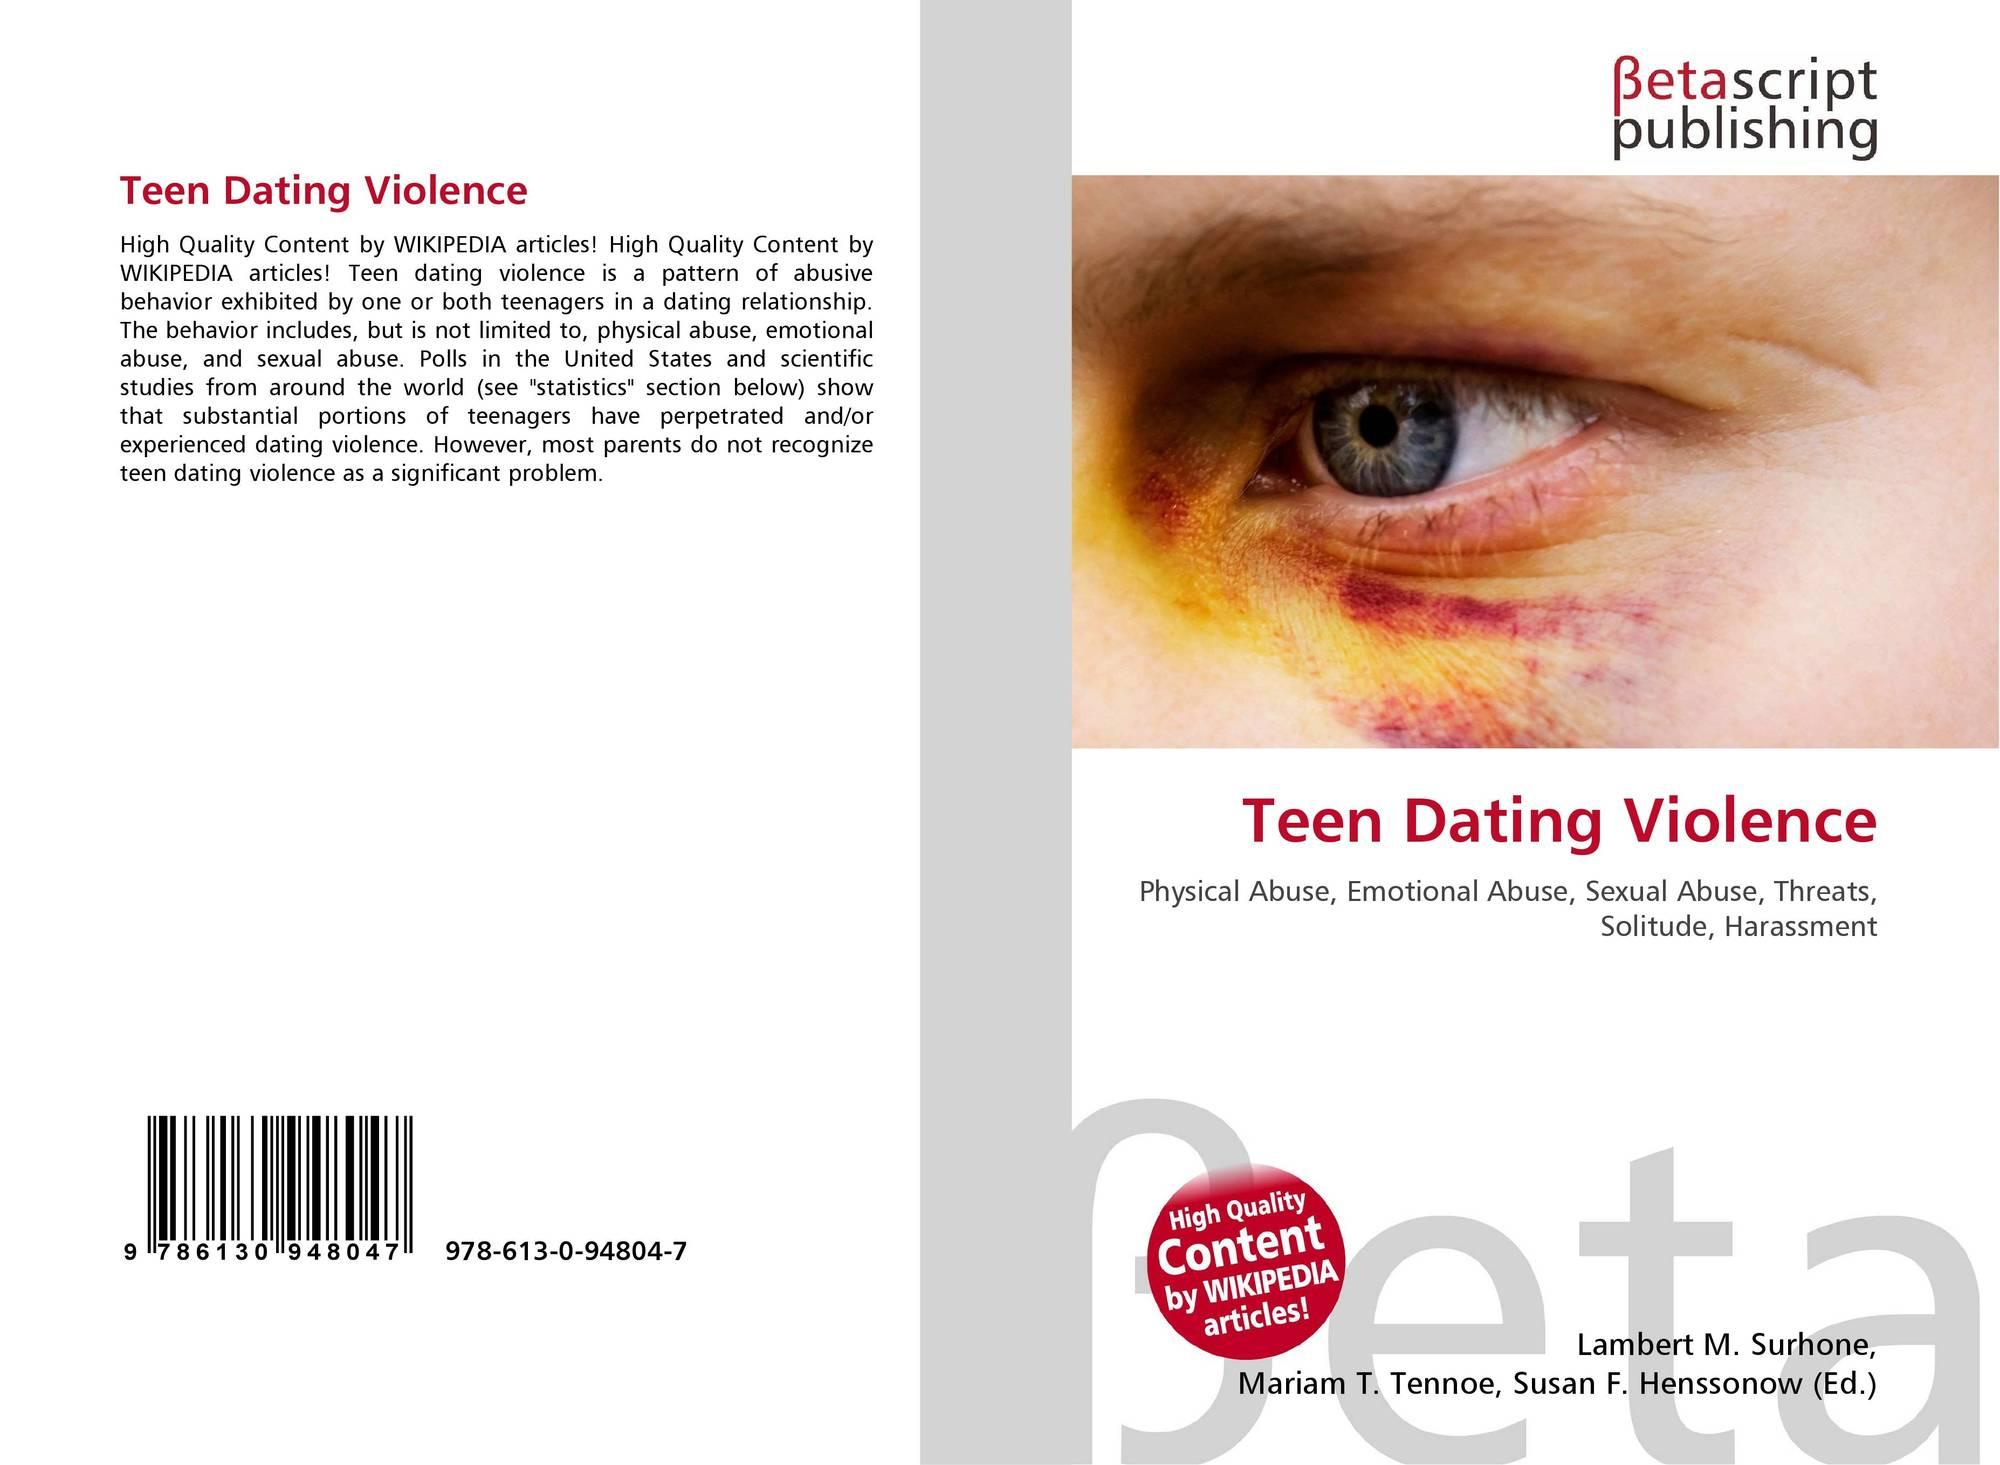 daring violence